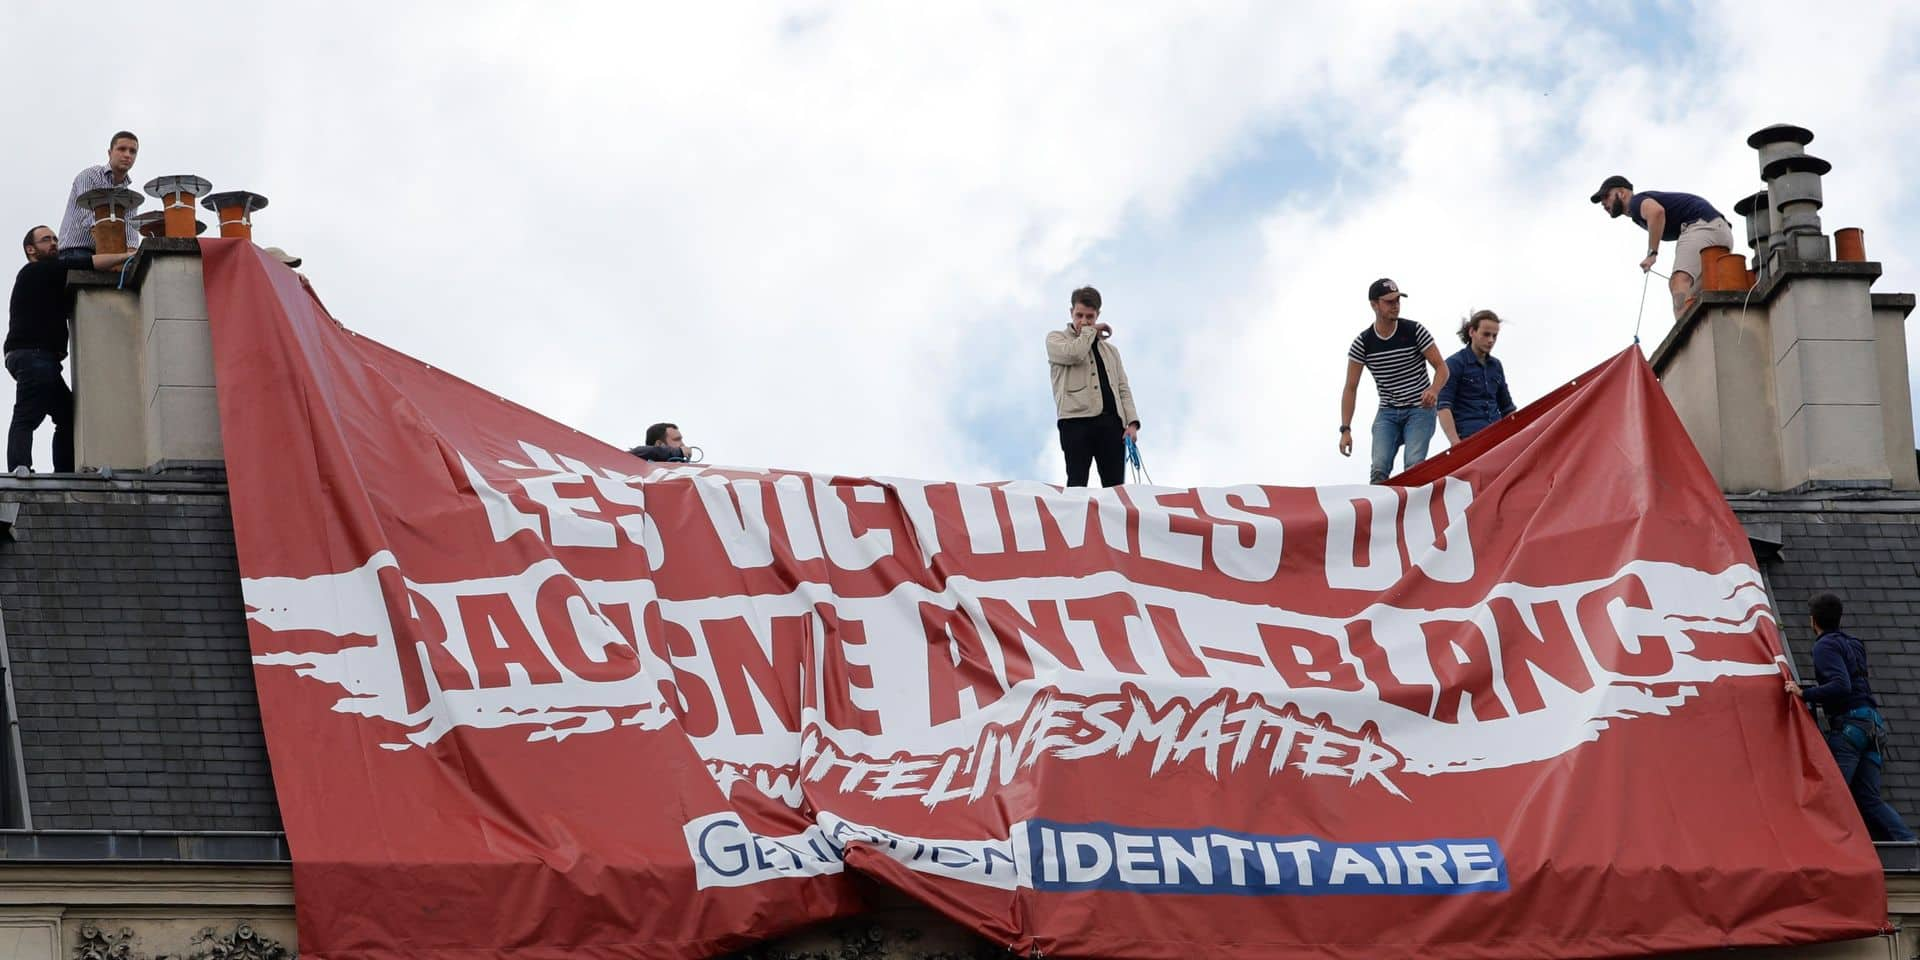 """Manifestations à Paris : une banderole contre le """"racisme anti-blanc"""" provoque une bagarre sur un toit"""